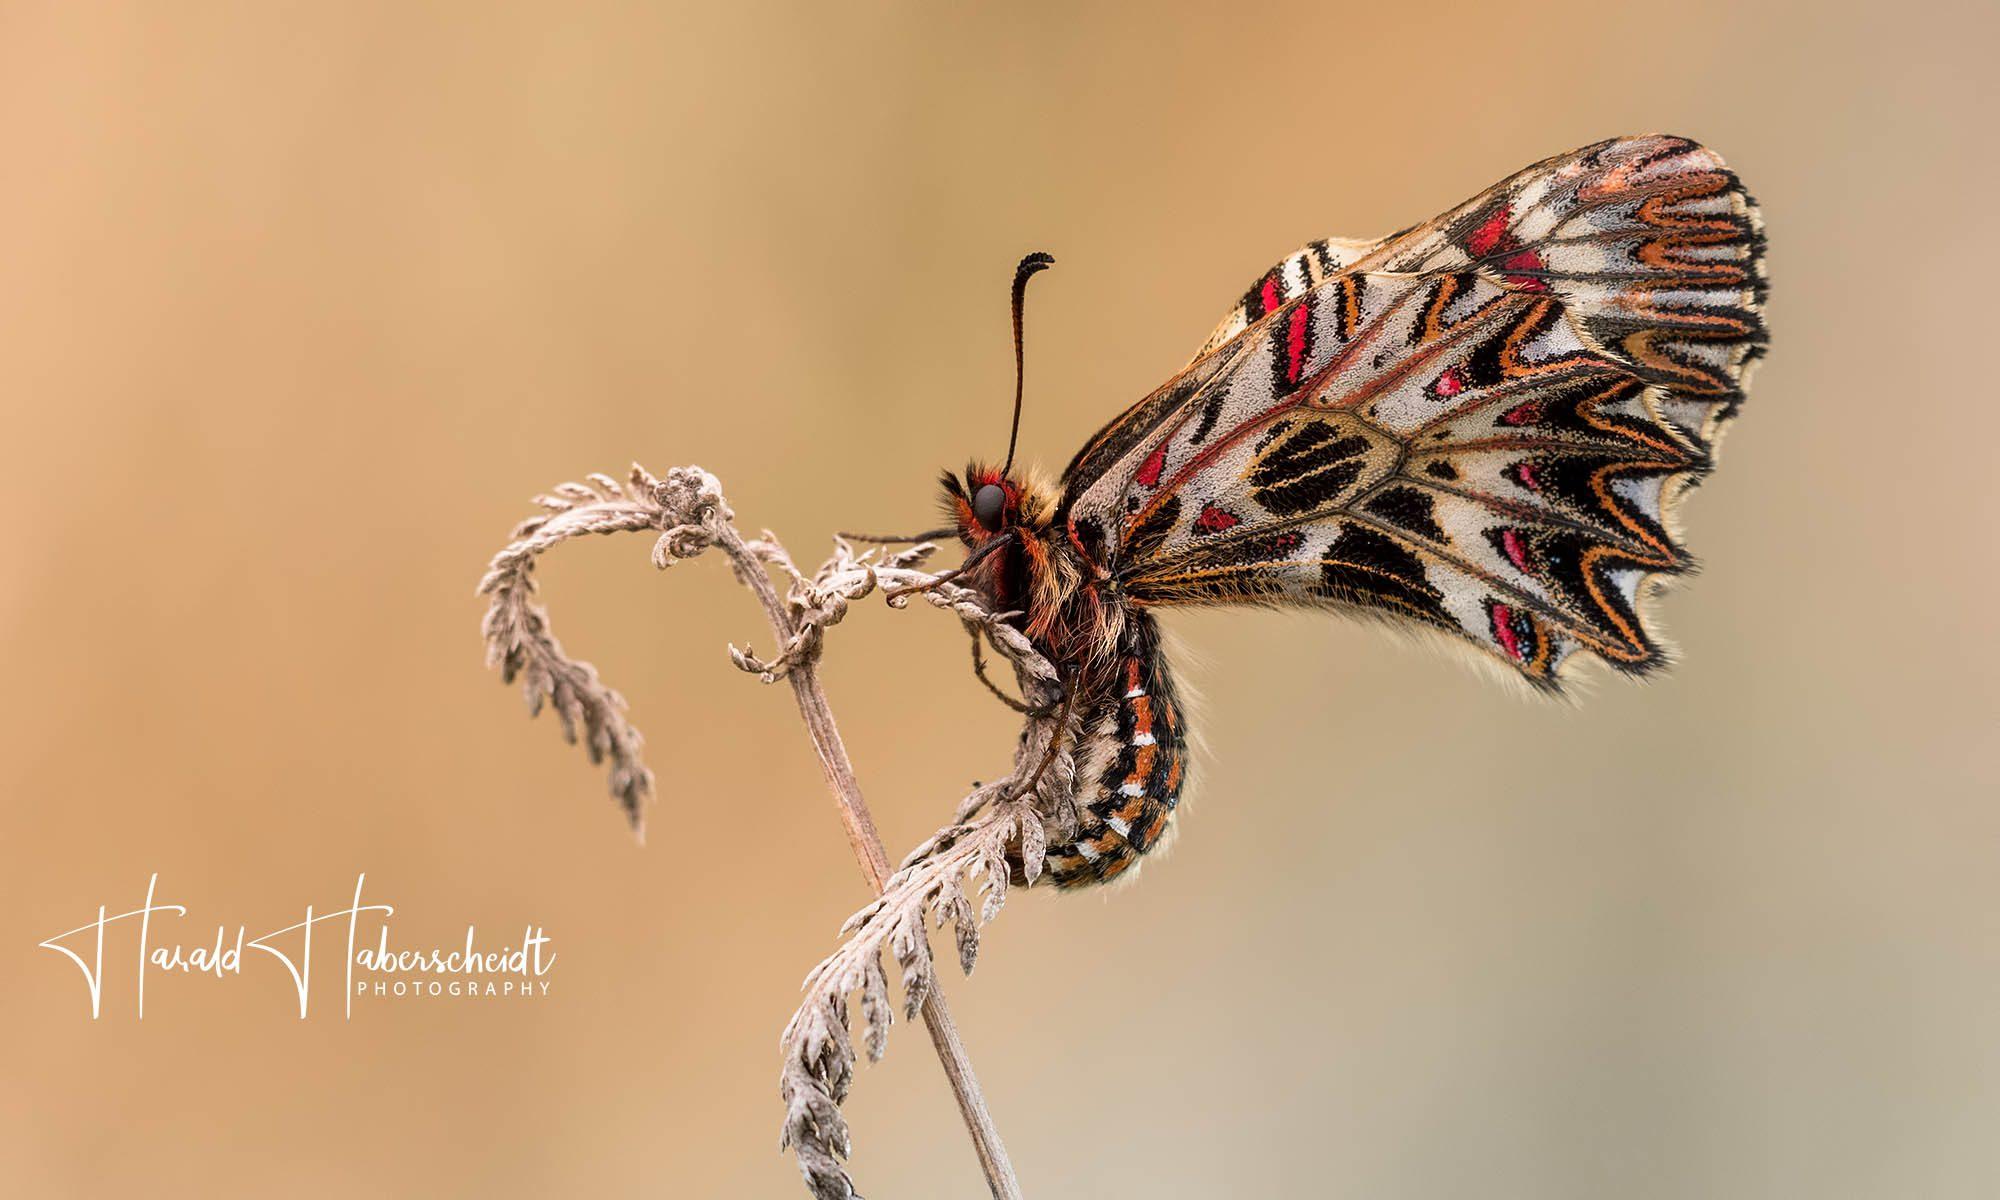 Harald Haberscheidt - Naturfotografie